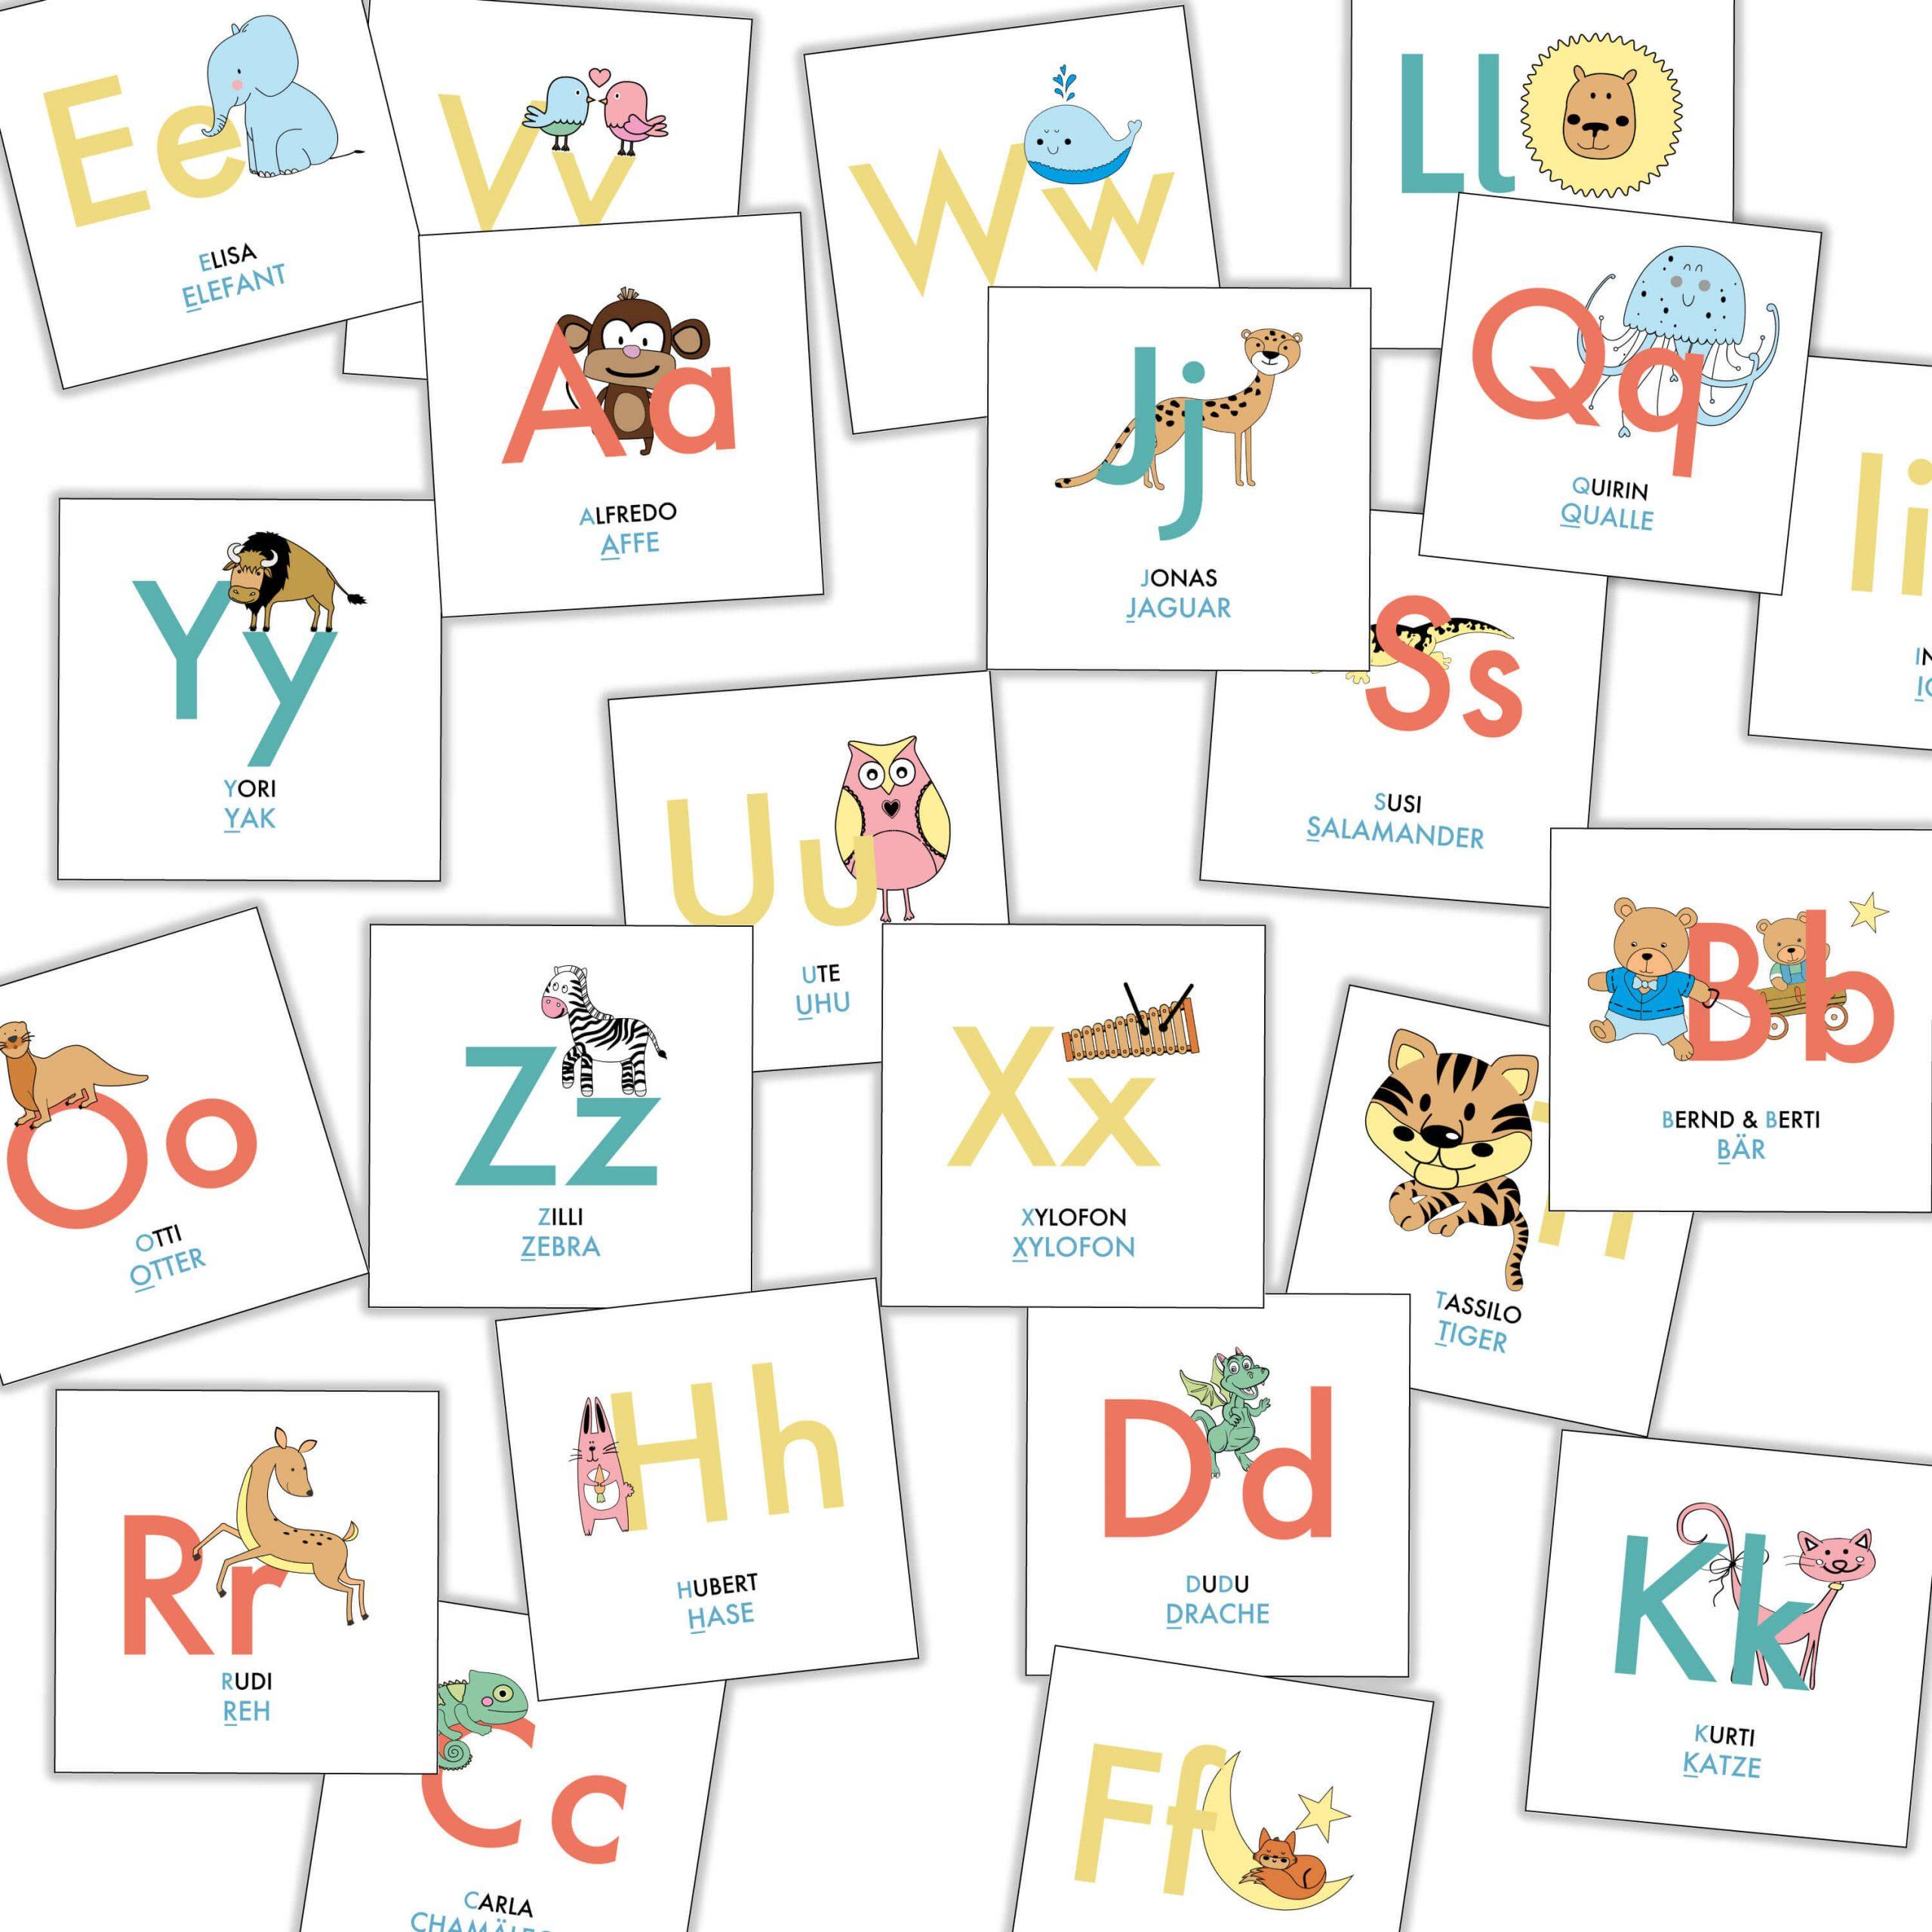 Abc Karten-Lernspiel für Buchstaben Lernen Für Vorschulkinder